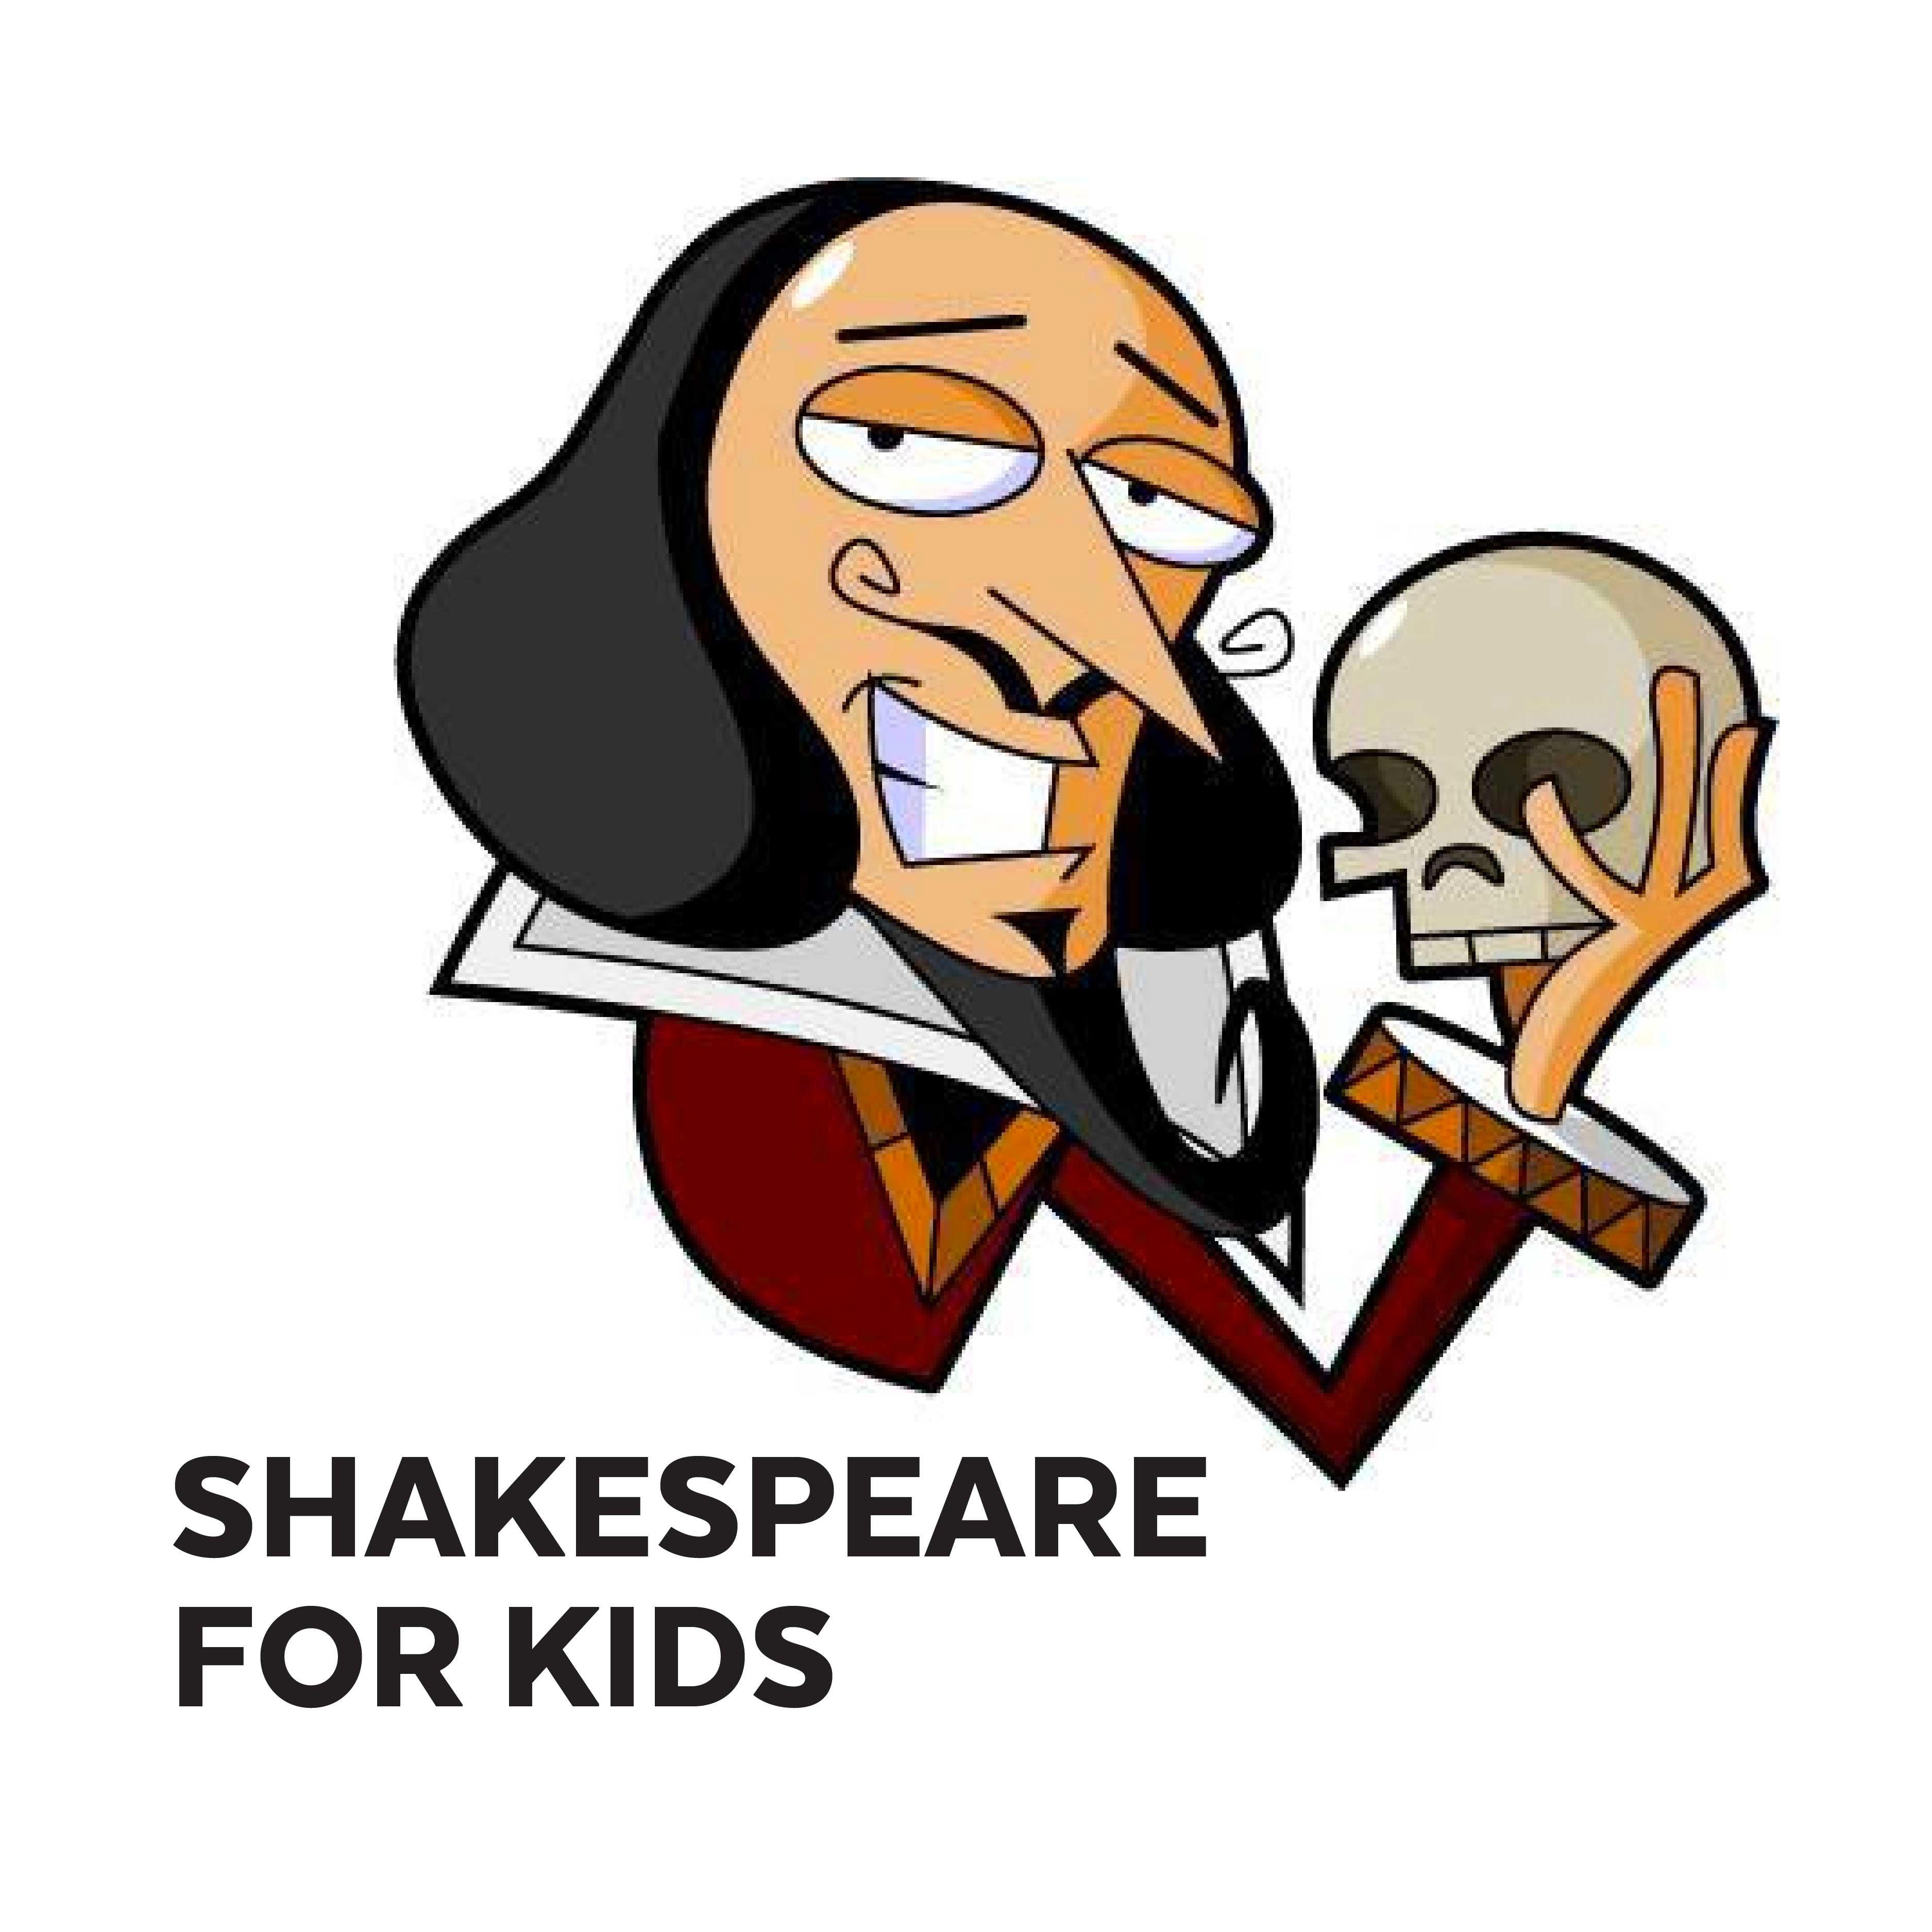 ShakespeareforKids-01.jpg